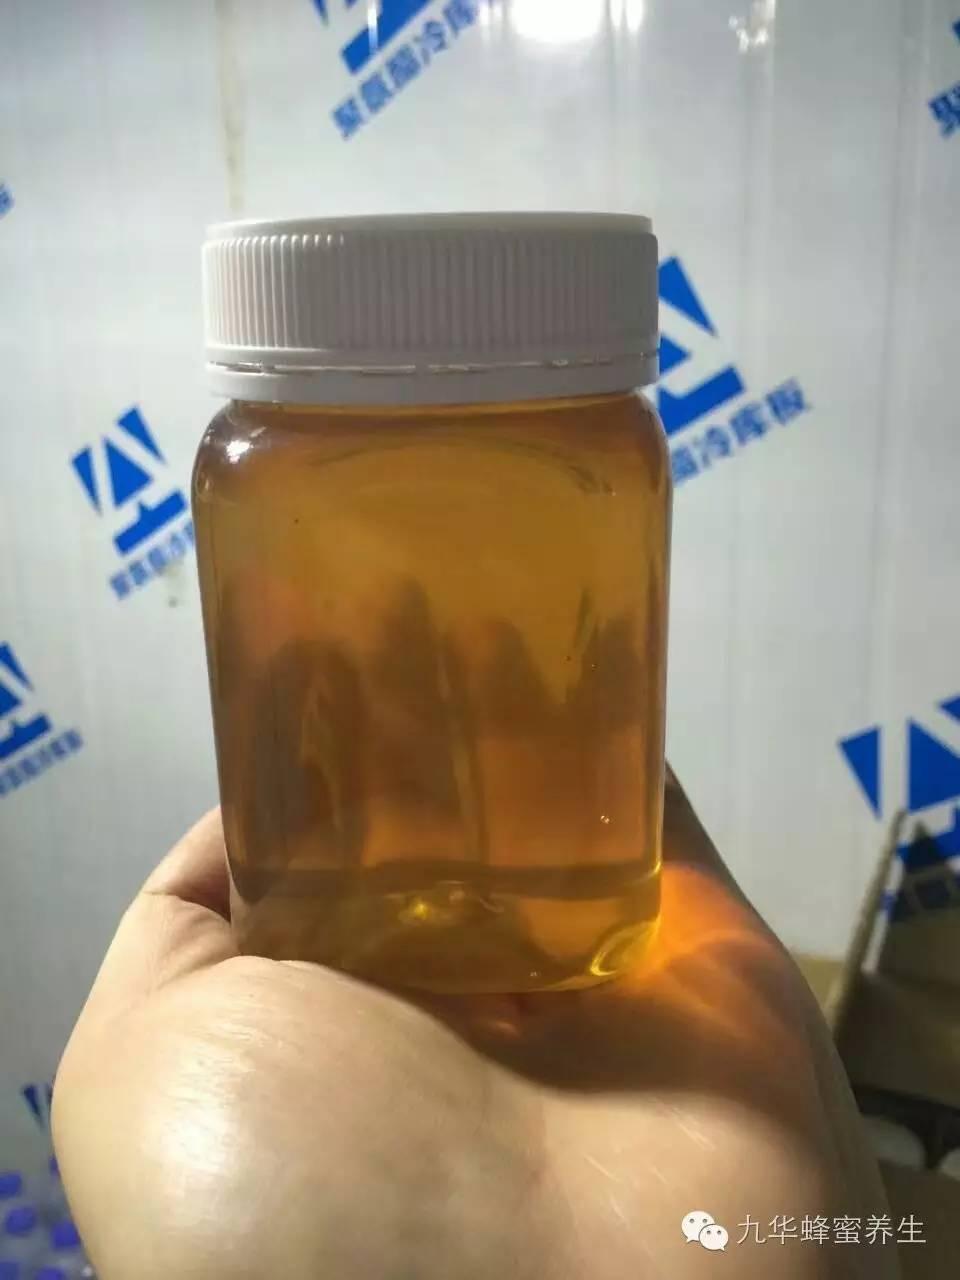 蜂蜜甘油可以擦脸吗 喉咙痛喝蜂蜜水 纯蜂蜜冬天会凝固吗 金德福蜂蜜盐金枣是什么 蜂蜜面膜的作用与功效